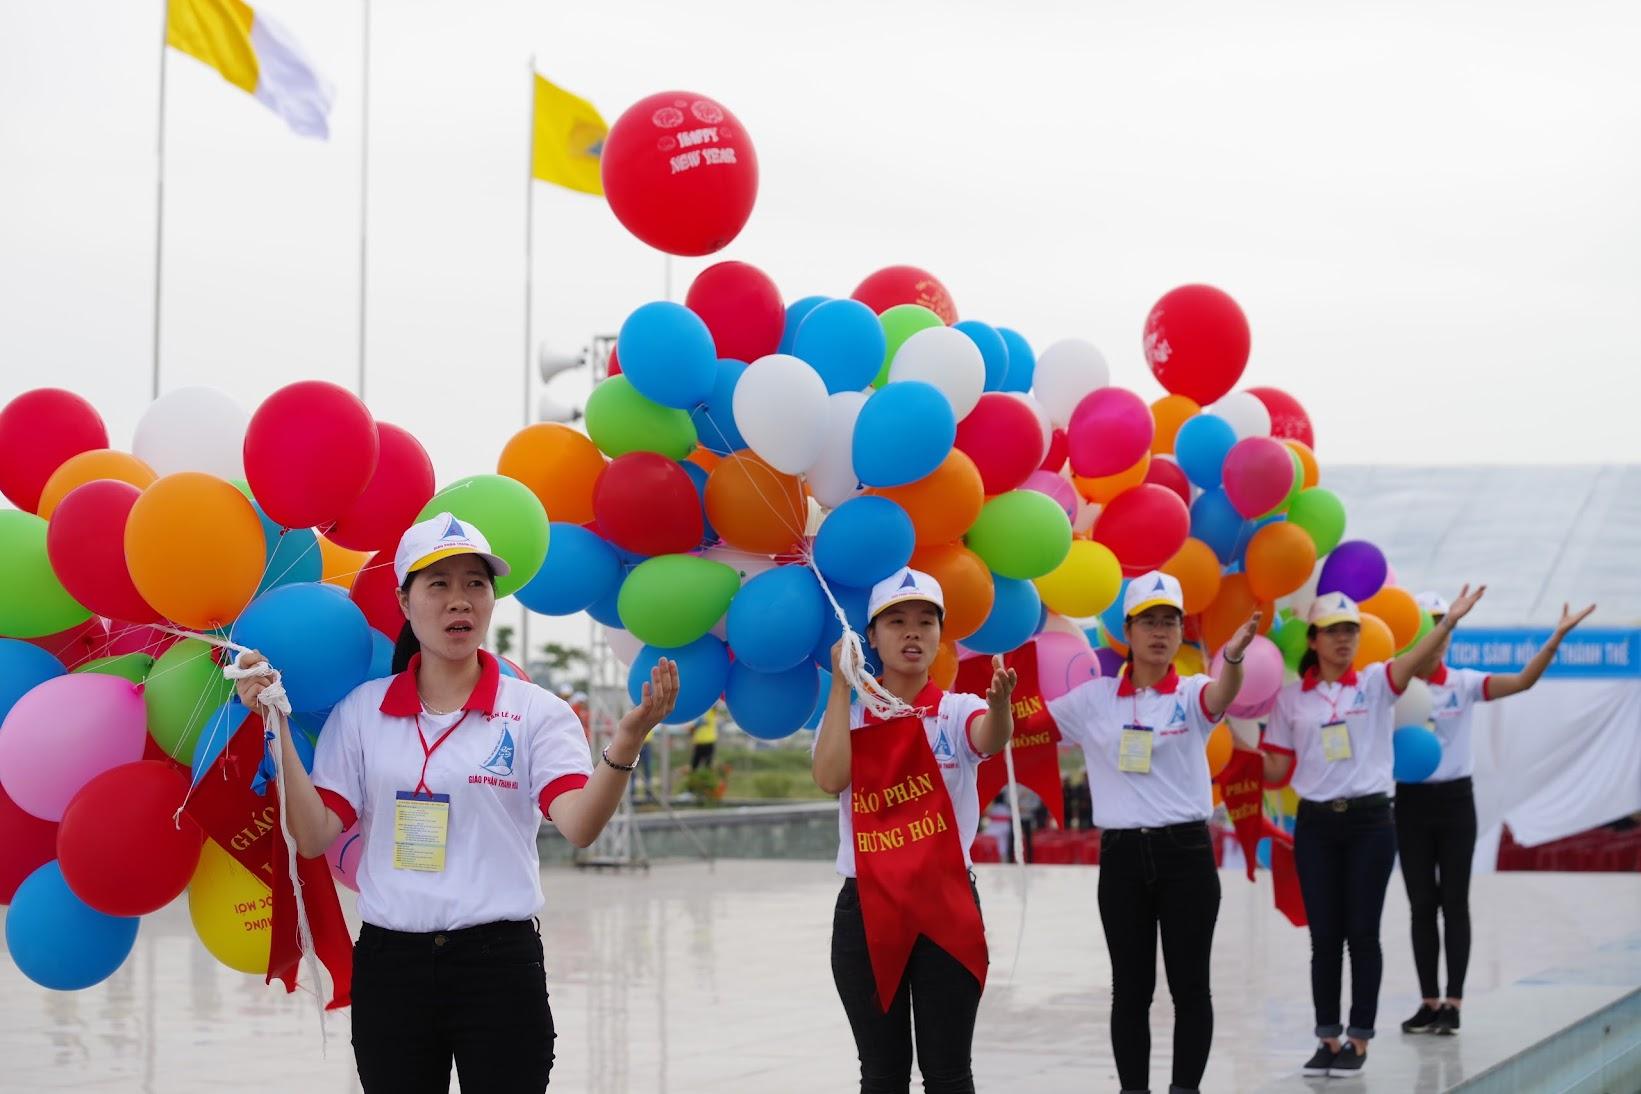 Những hình ảnh đẹp về lễ khai mạc Đại Hội Giới Trẻ giáo tỉnh Hà Nội lần thứ XV tại Thanh Hóa - Ảnh minh hoạ 36